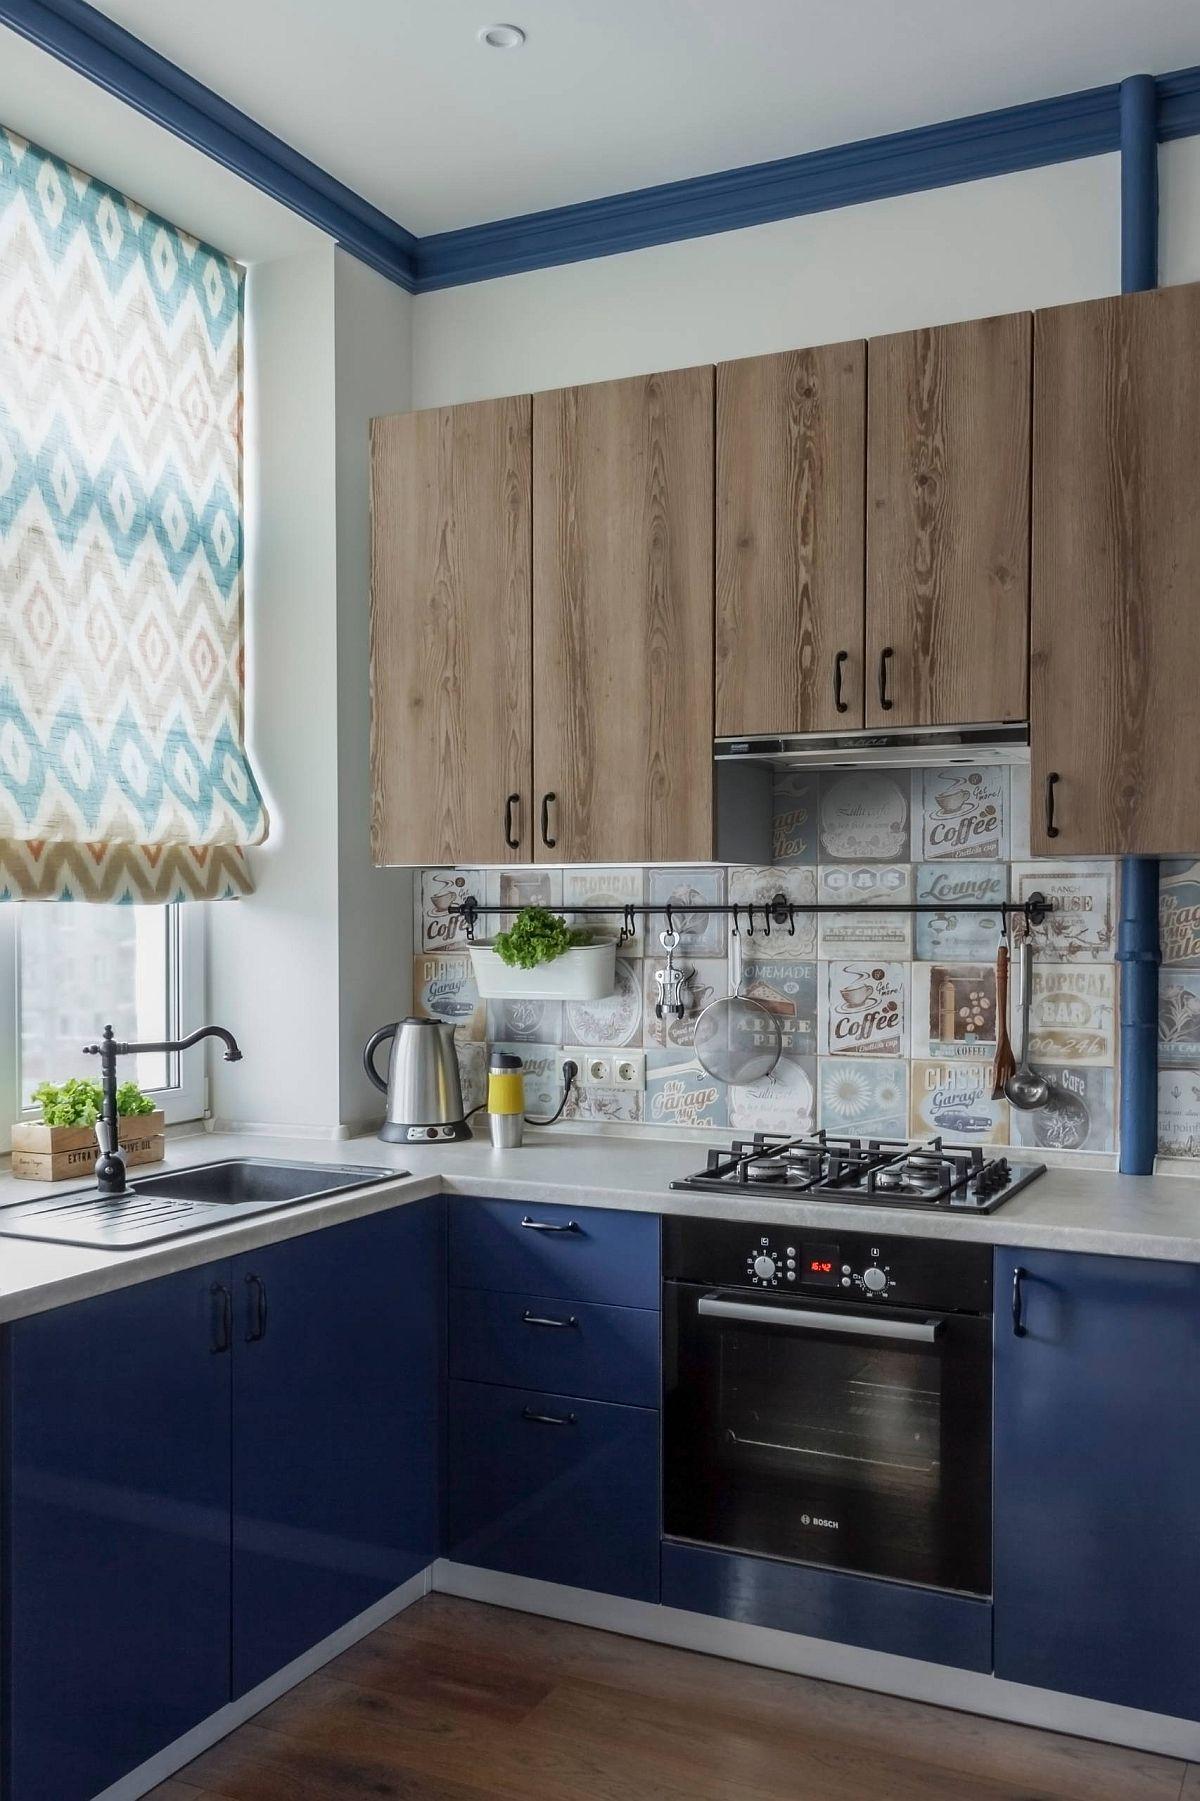 Ngắm những căn bếp nhỏ đầy màu sắc, đẹp đến mức làm xiêu lòng bất cứ ai - Ảnh 14.